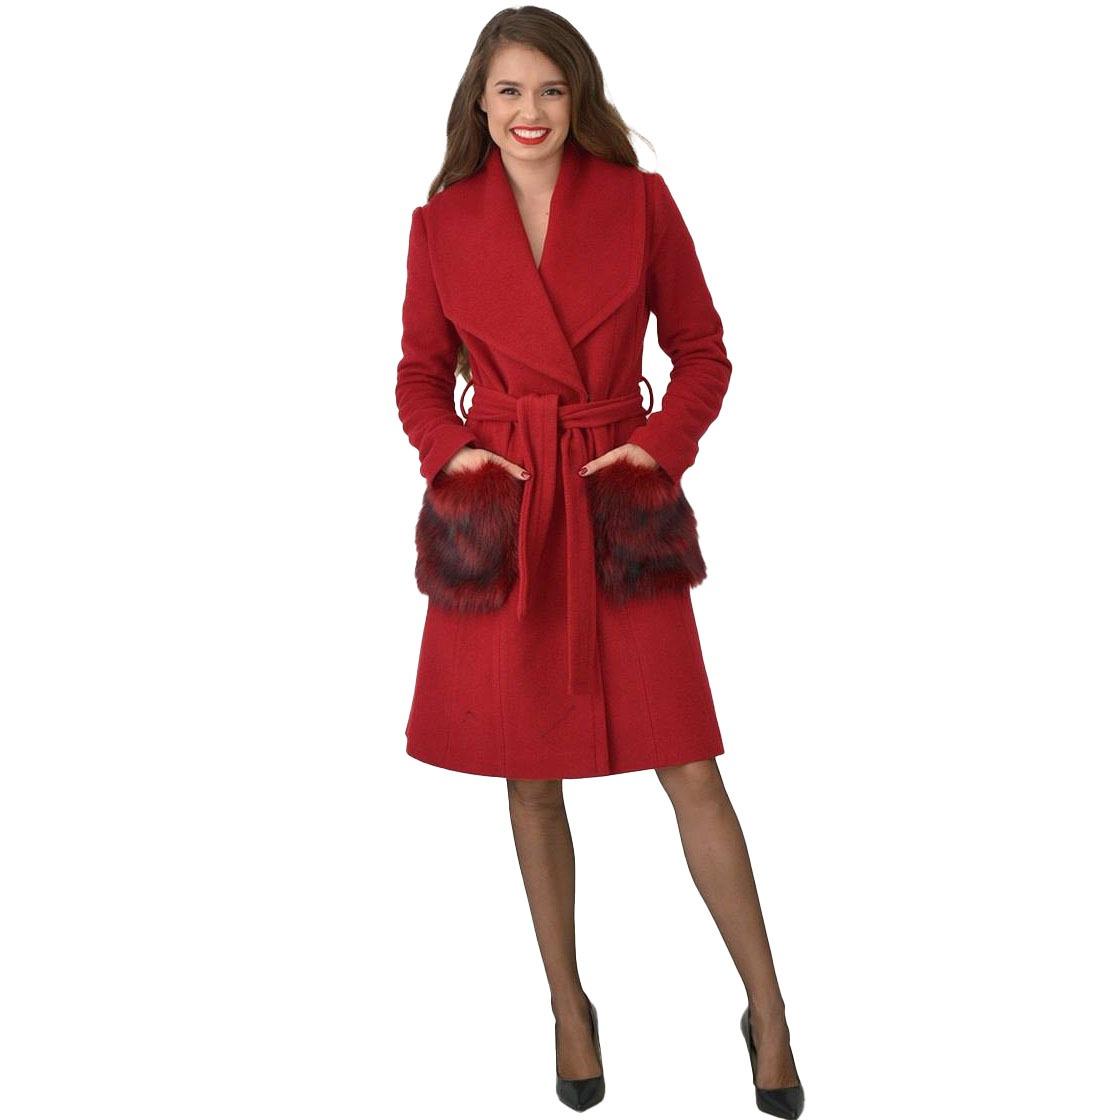 Palton cu buzunare imblanite